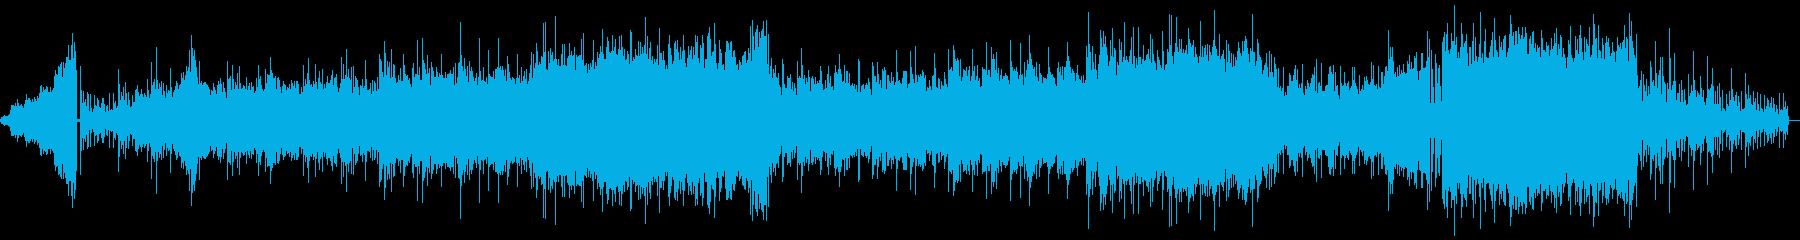 幻想的でエスニックな穏やかBGMの再生済みの波形